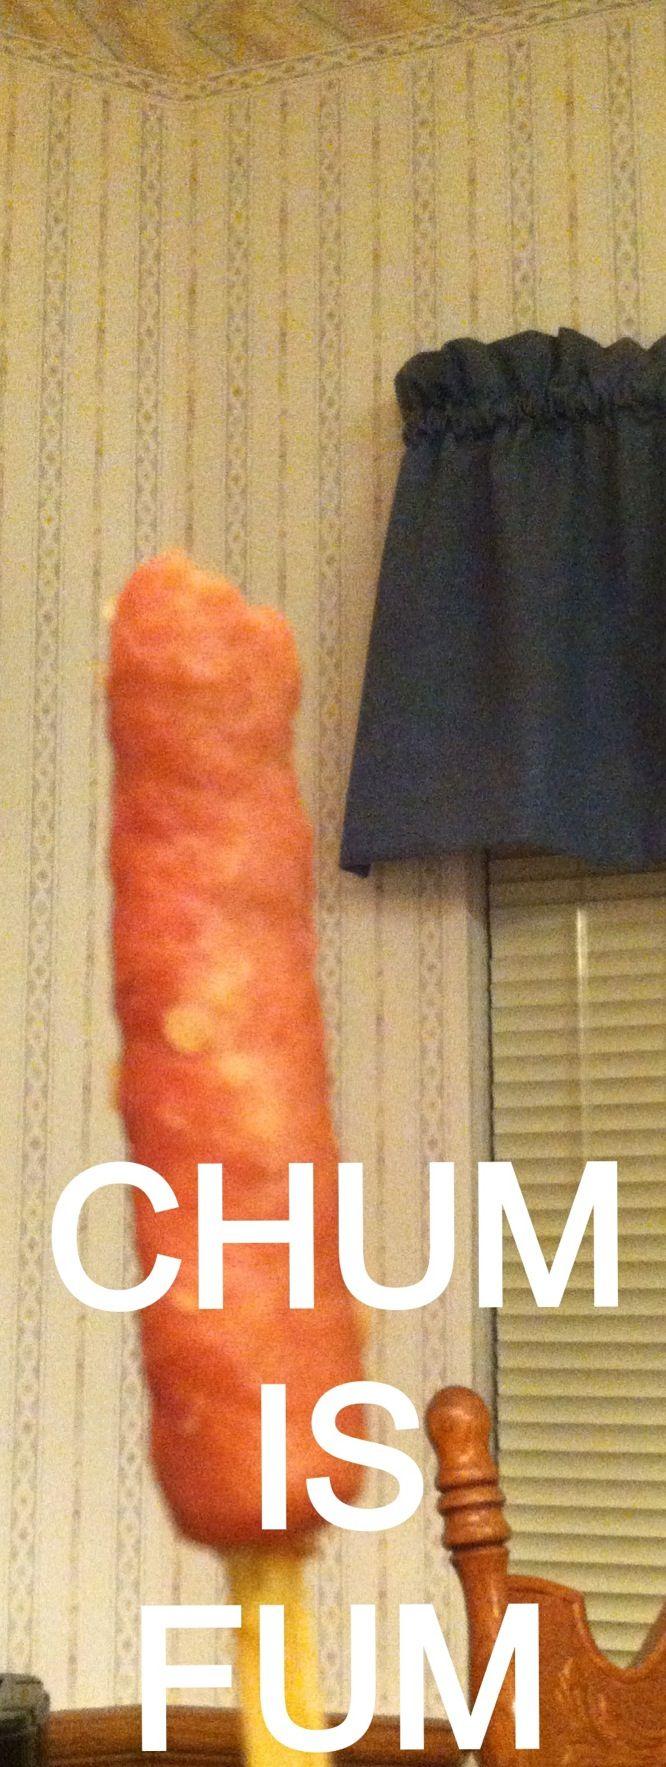 Chum is fum  P   Funny...